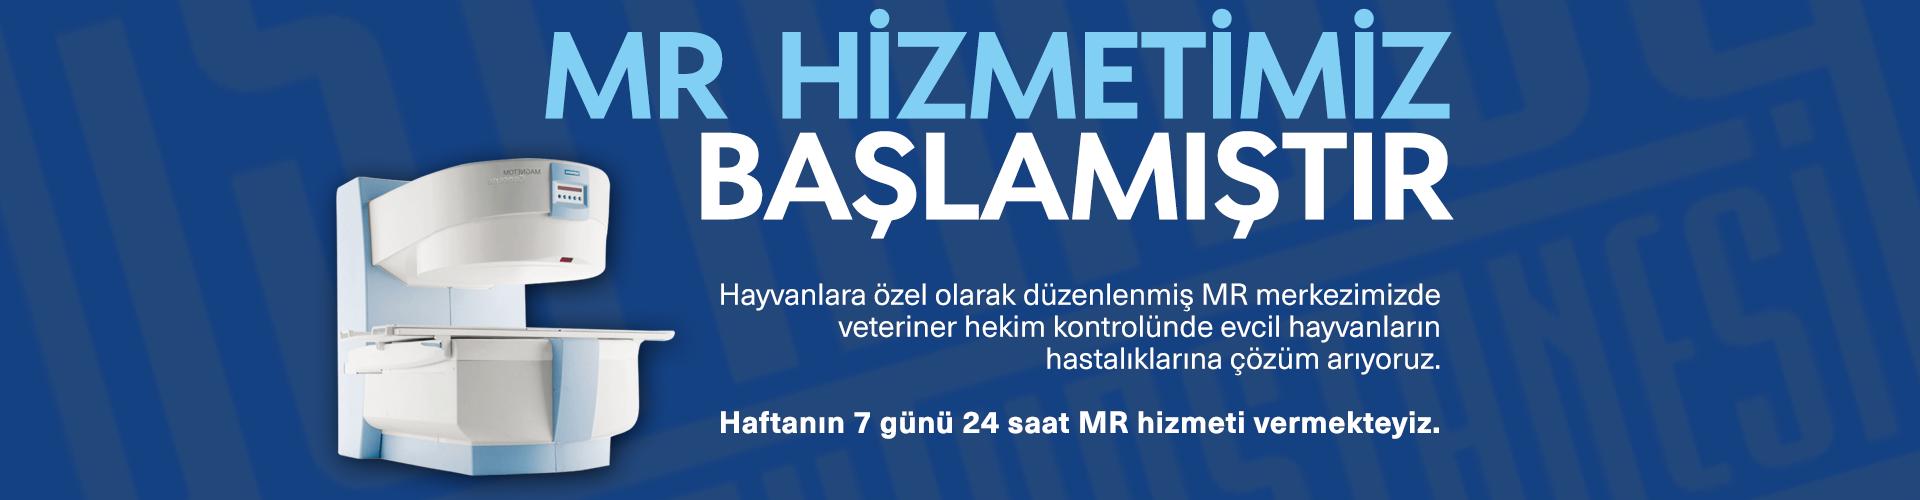 MR Hizmeti